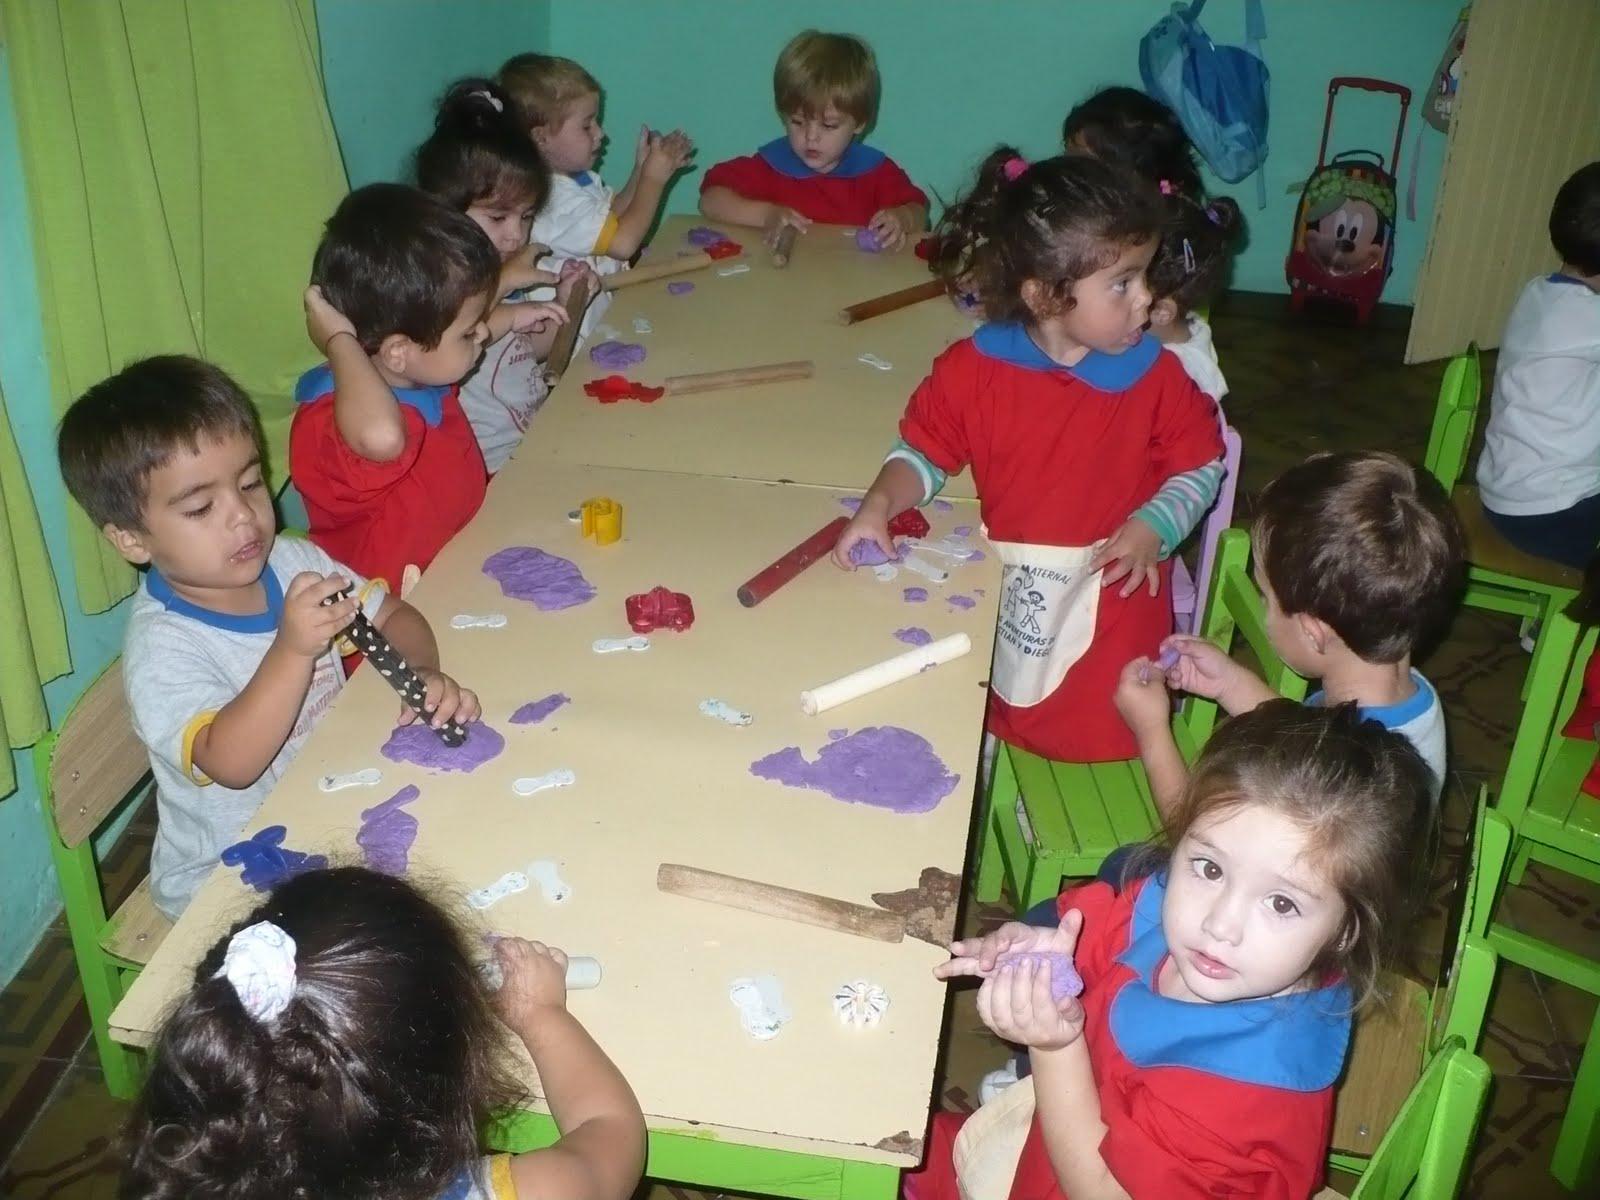 Jard n maternal las aventuras de cristian y diego marzo 2011 for Actividades para jardin maternal sala de 2